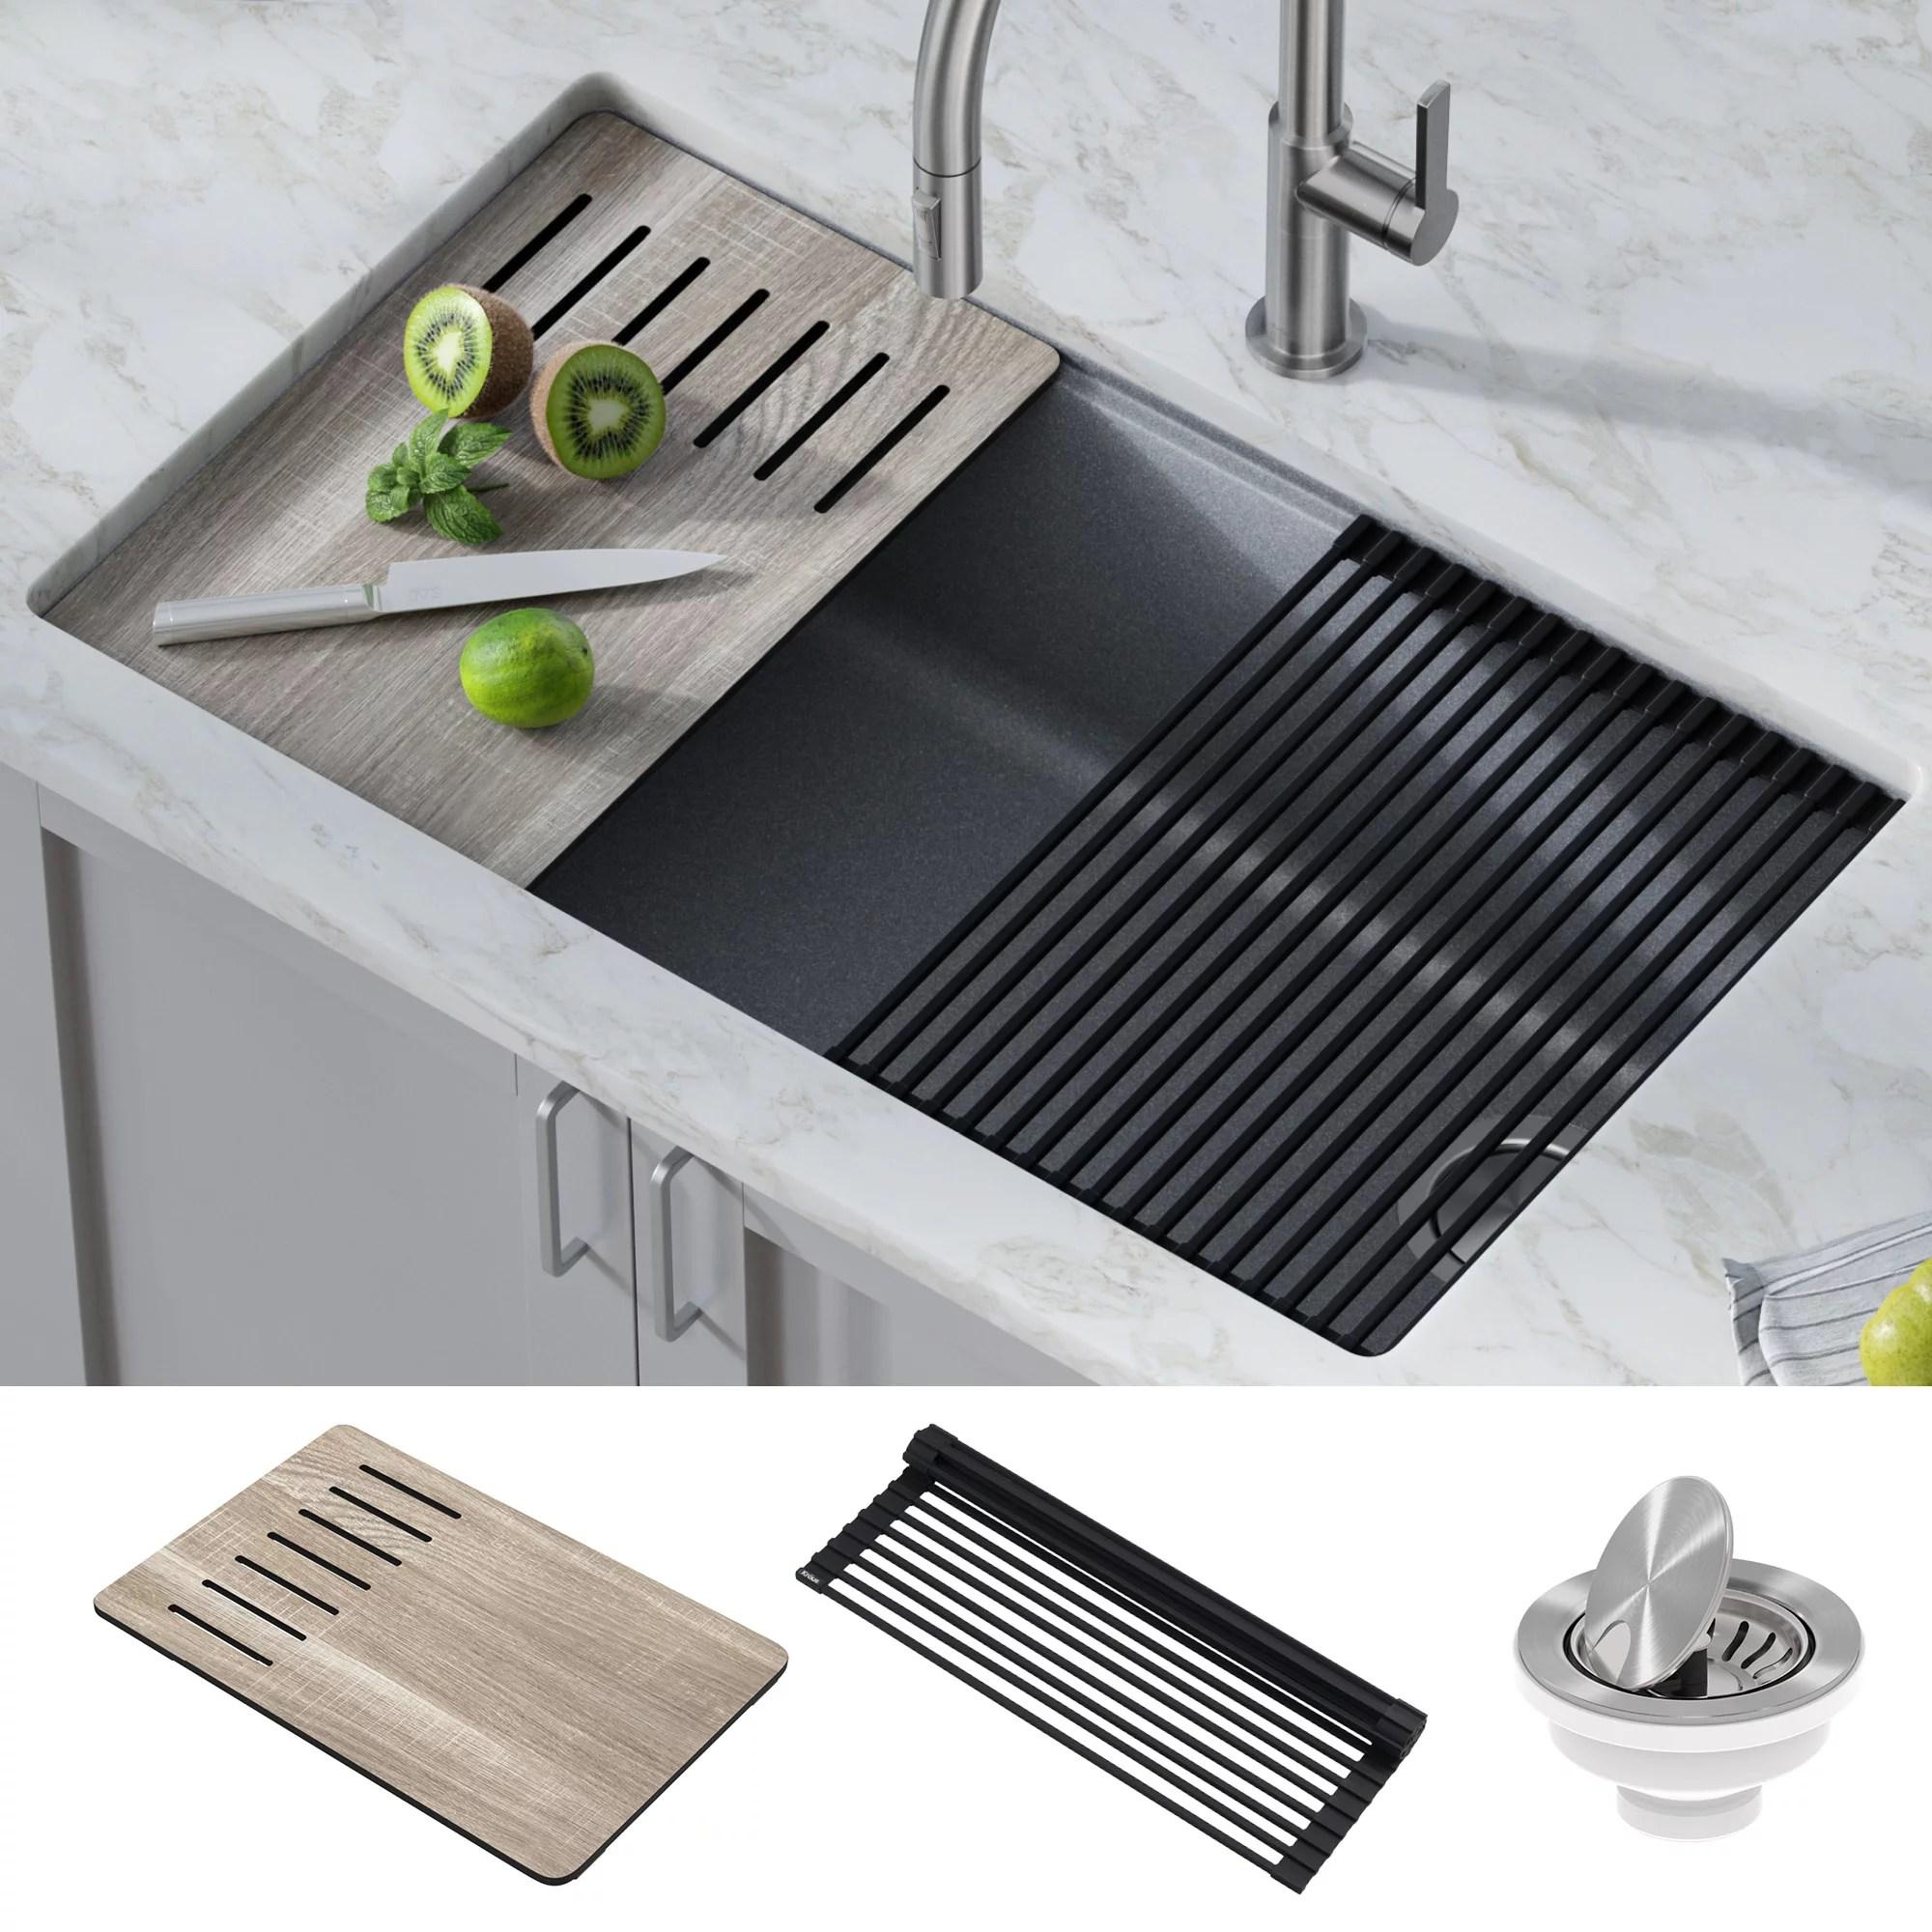 kraus bellucci workstation 33 inch undermount granite composite single bowl kitchen sink in metallic gray with accessories walmart com